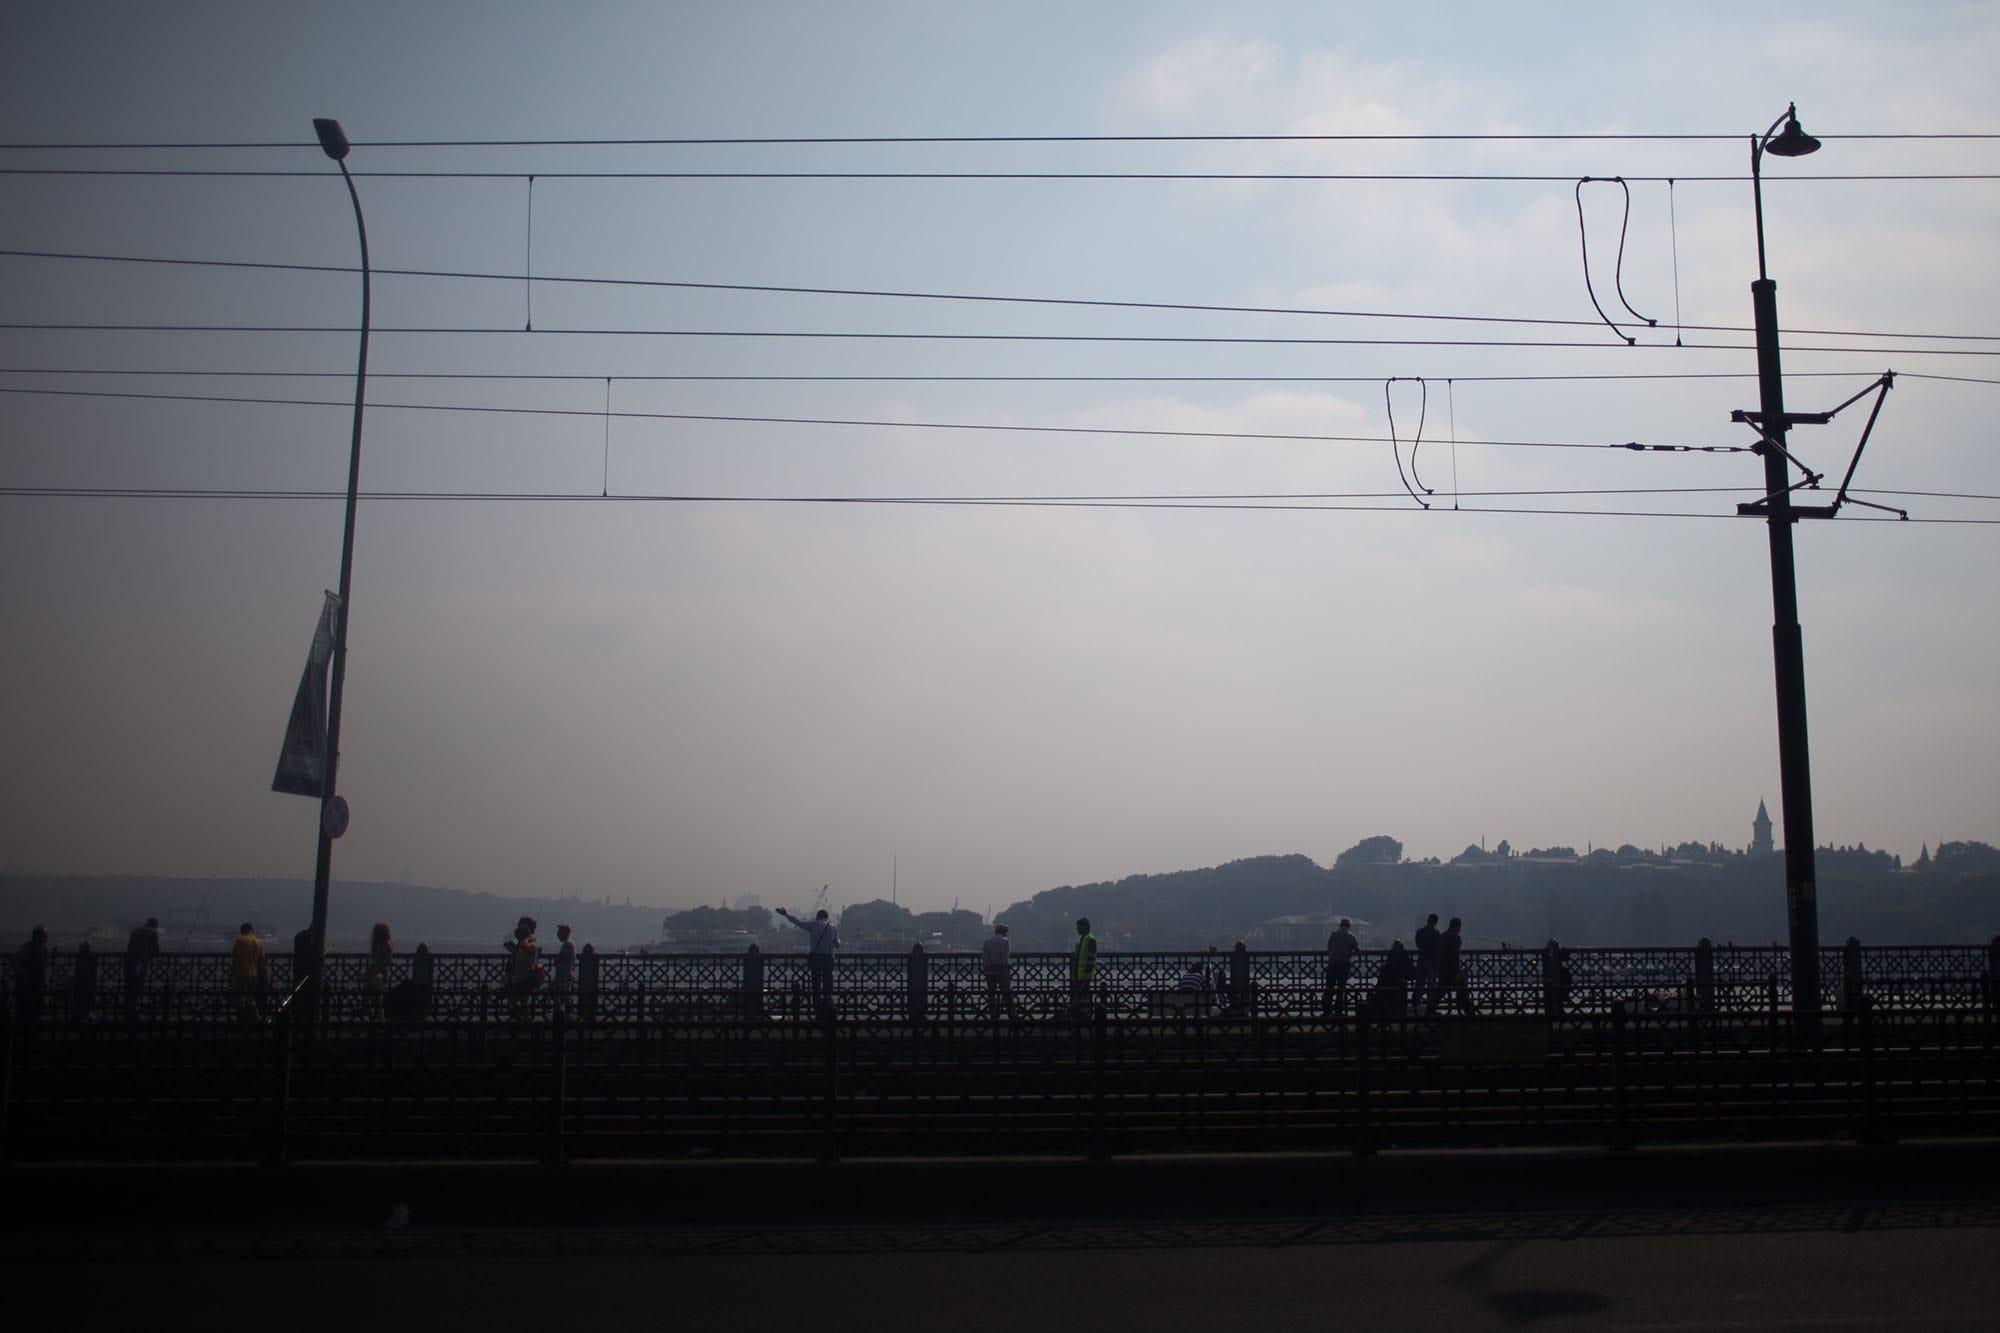 Fishing on the Galata Bridge in Istanbul, Turkey.